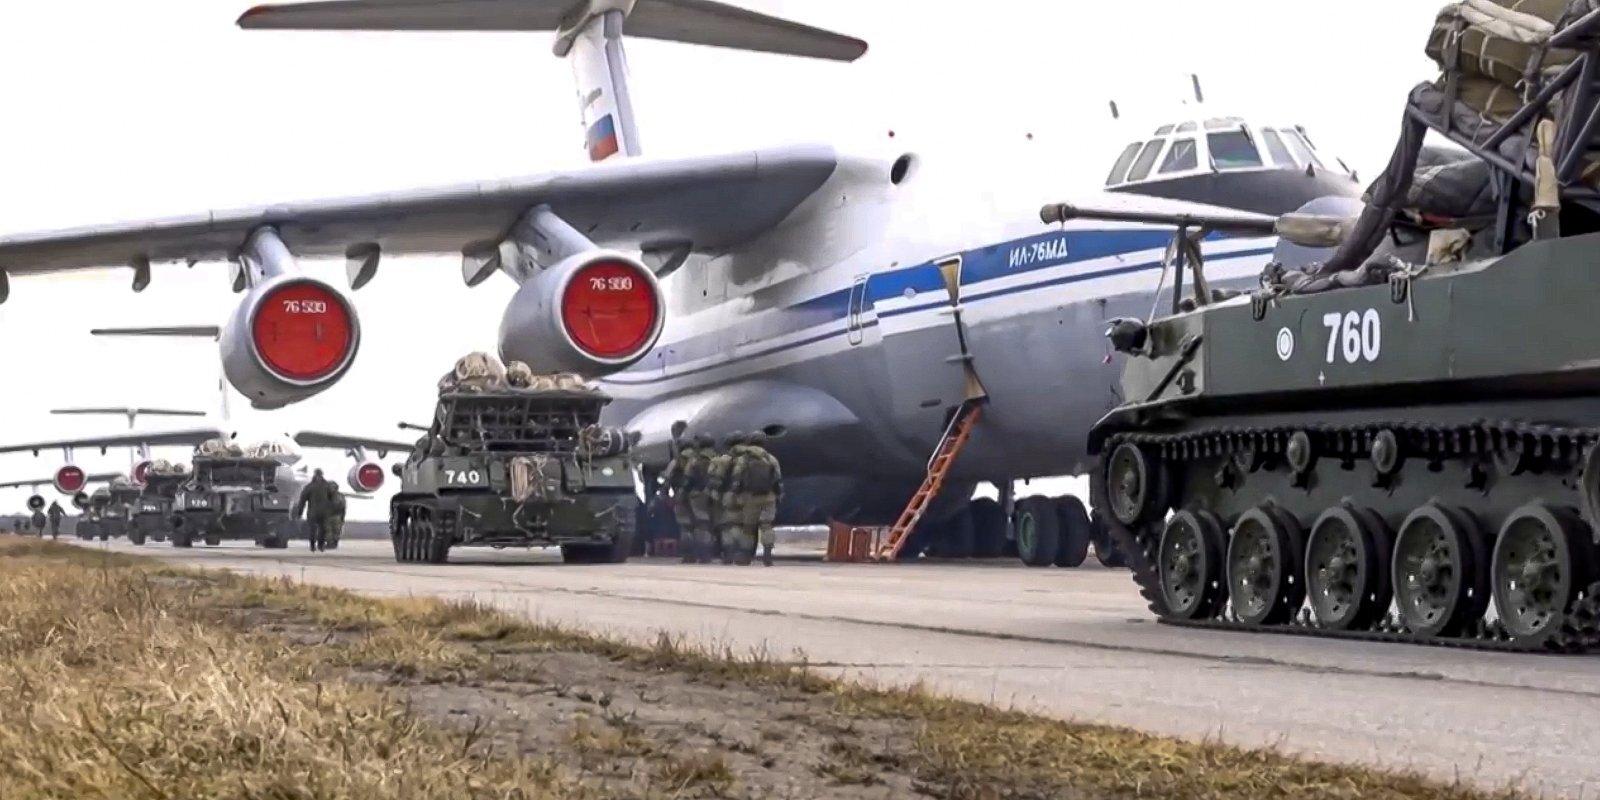 Kas notiek Ukrainā: iespējamie uzbrukuma virzieni